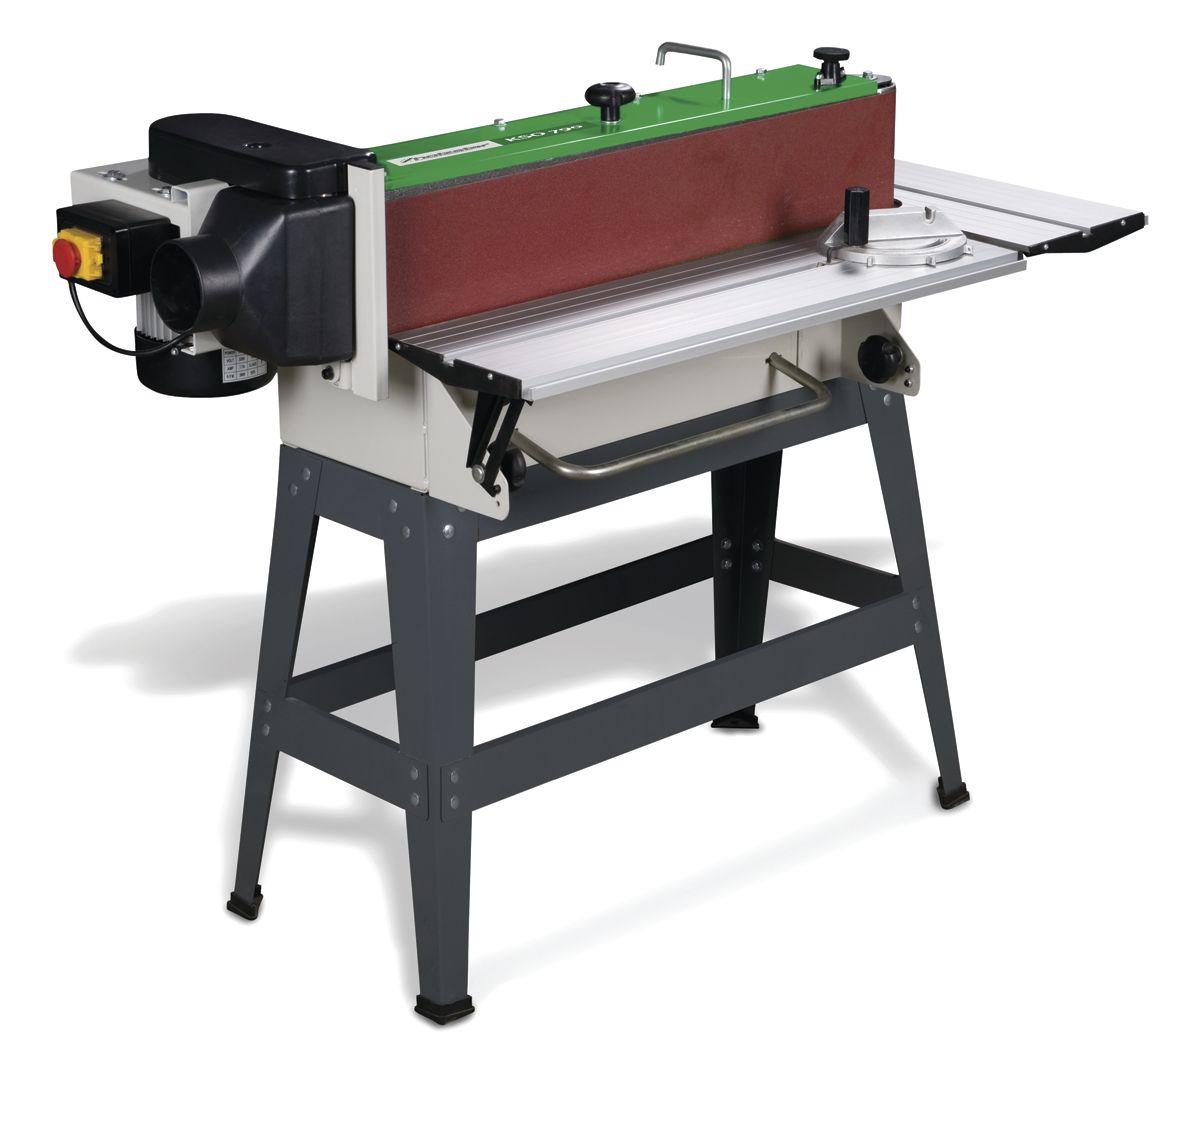 kso790 230v ponceuses bande et d gauchisseuses machines pour le bois vynckier tools. Black Bedroom Furniture Sets. Home Design Ideas